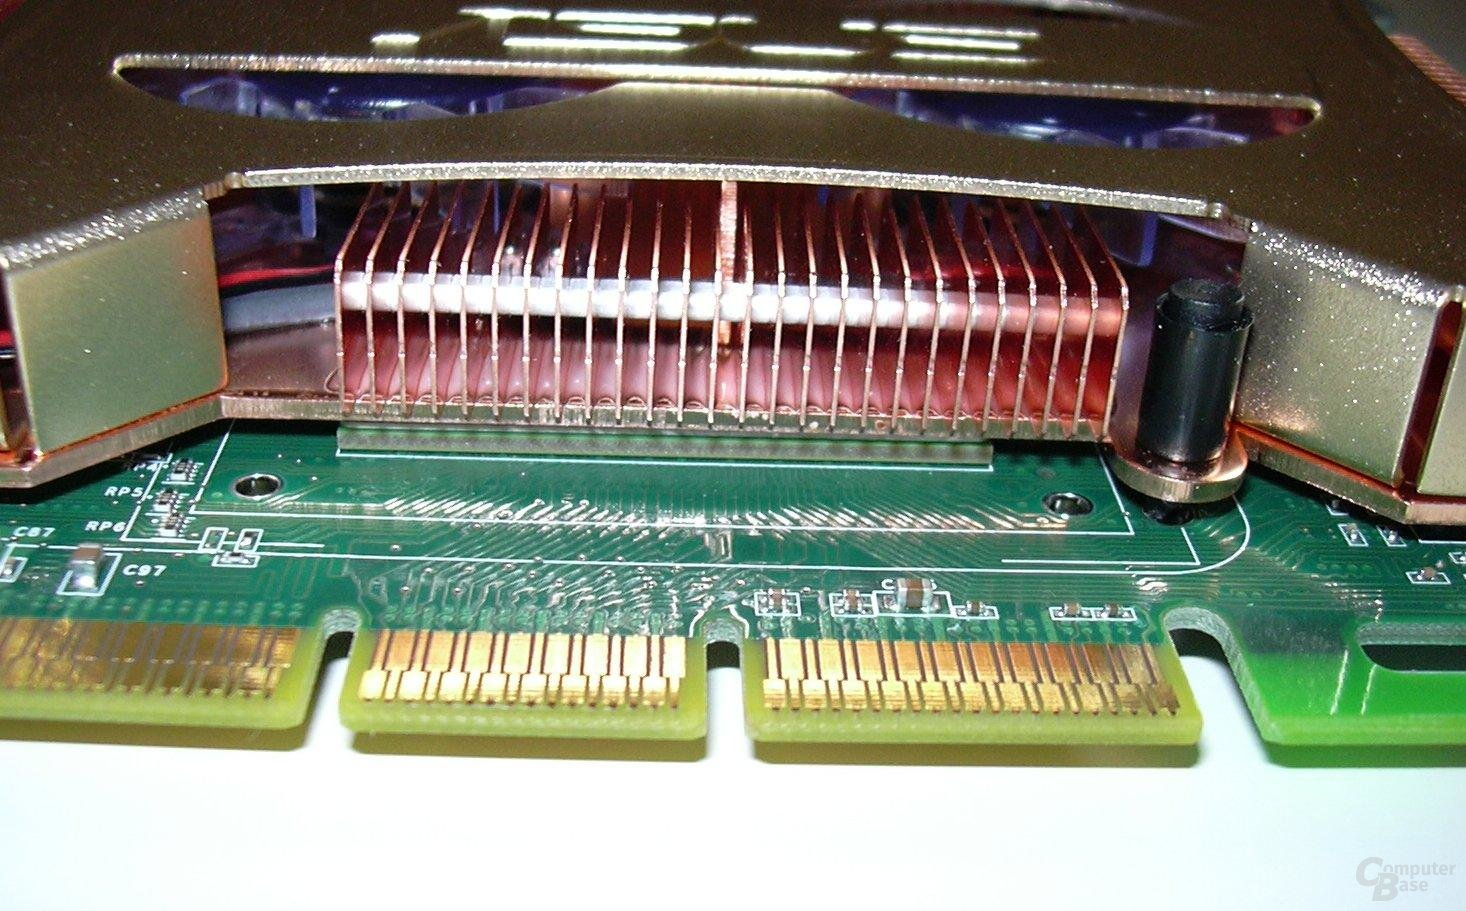 Asus Kühler&Chip Detail